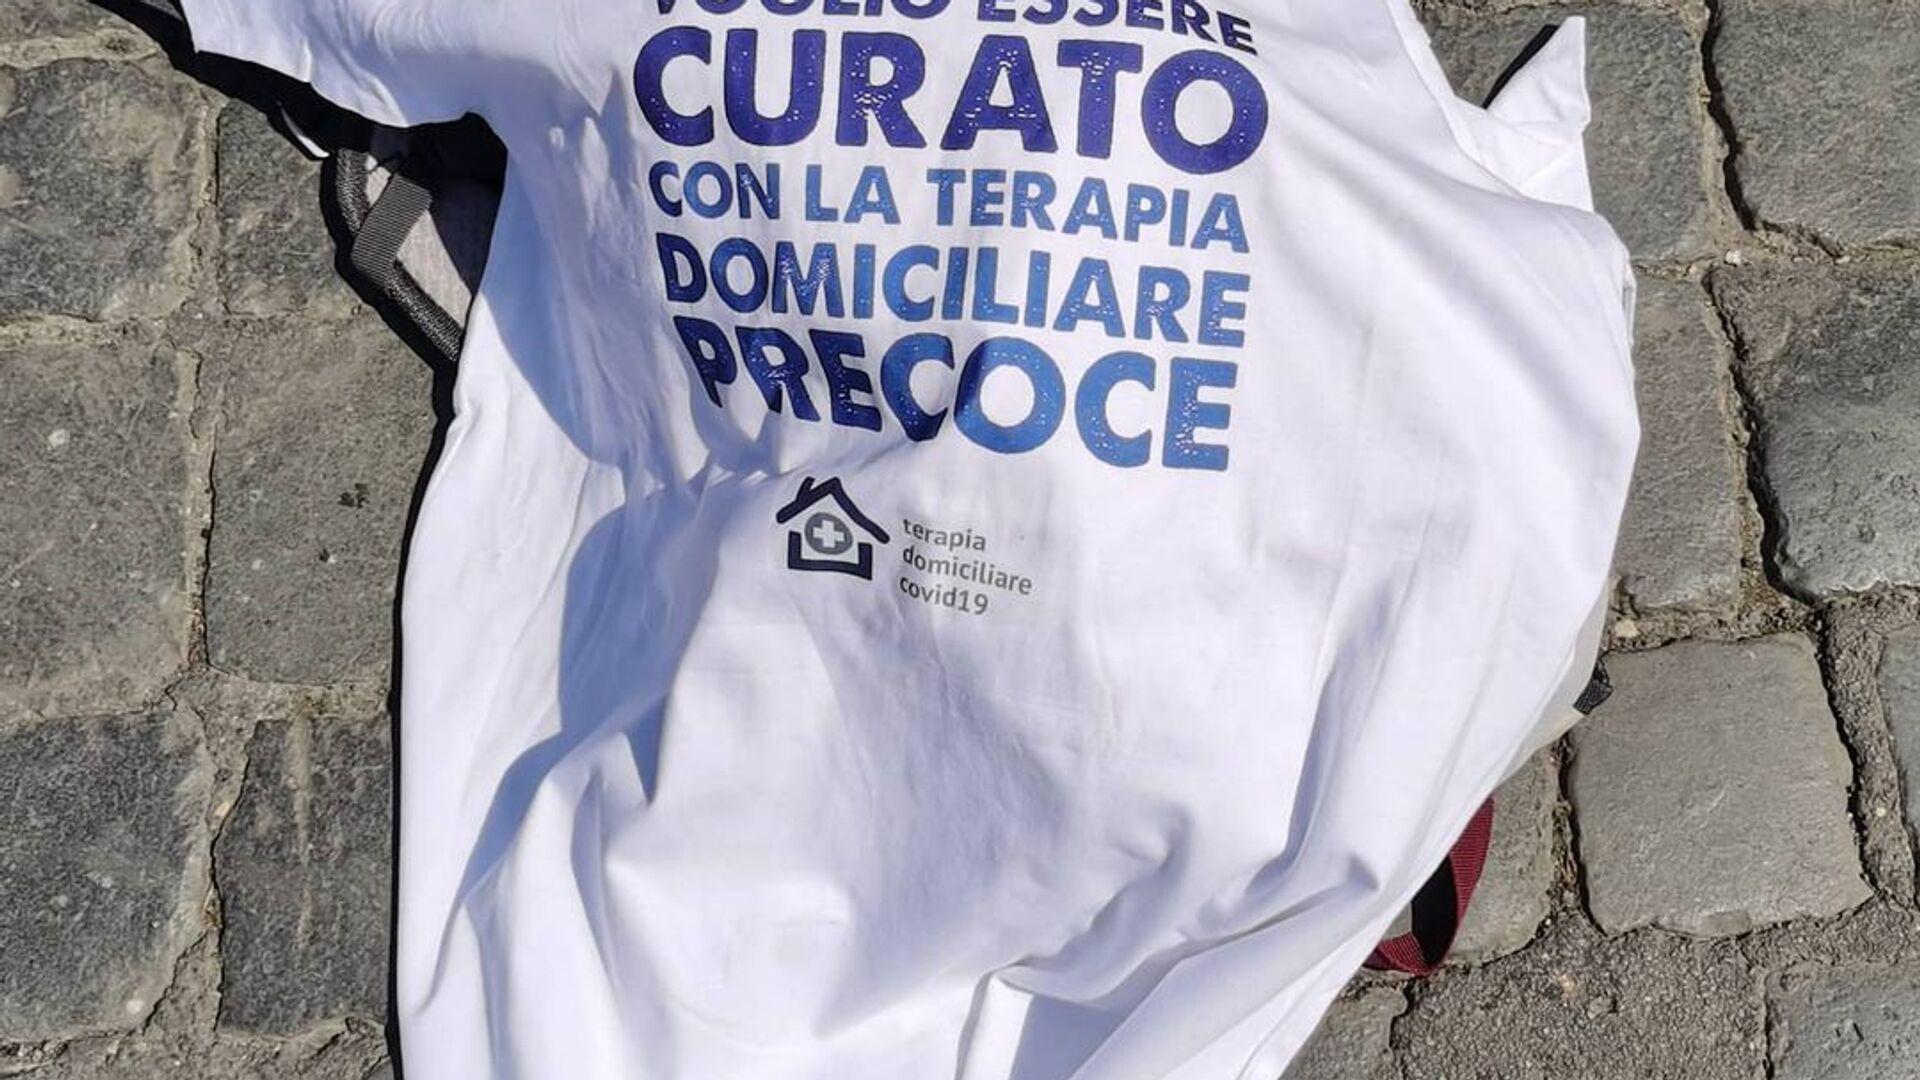 Roma, manifestazione per la terapia domiciliare precoce - Sputnik Italia, 1920, 09.05.2021